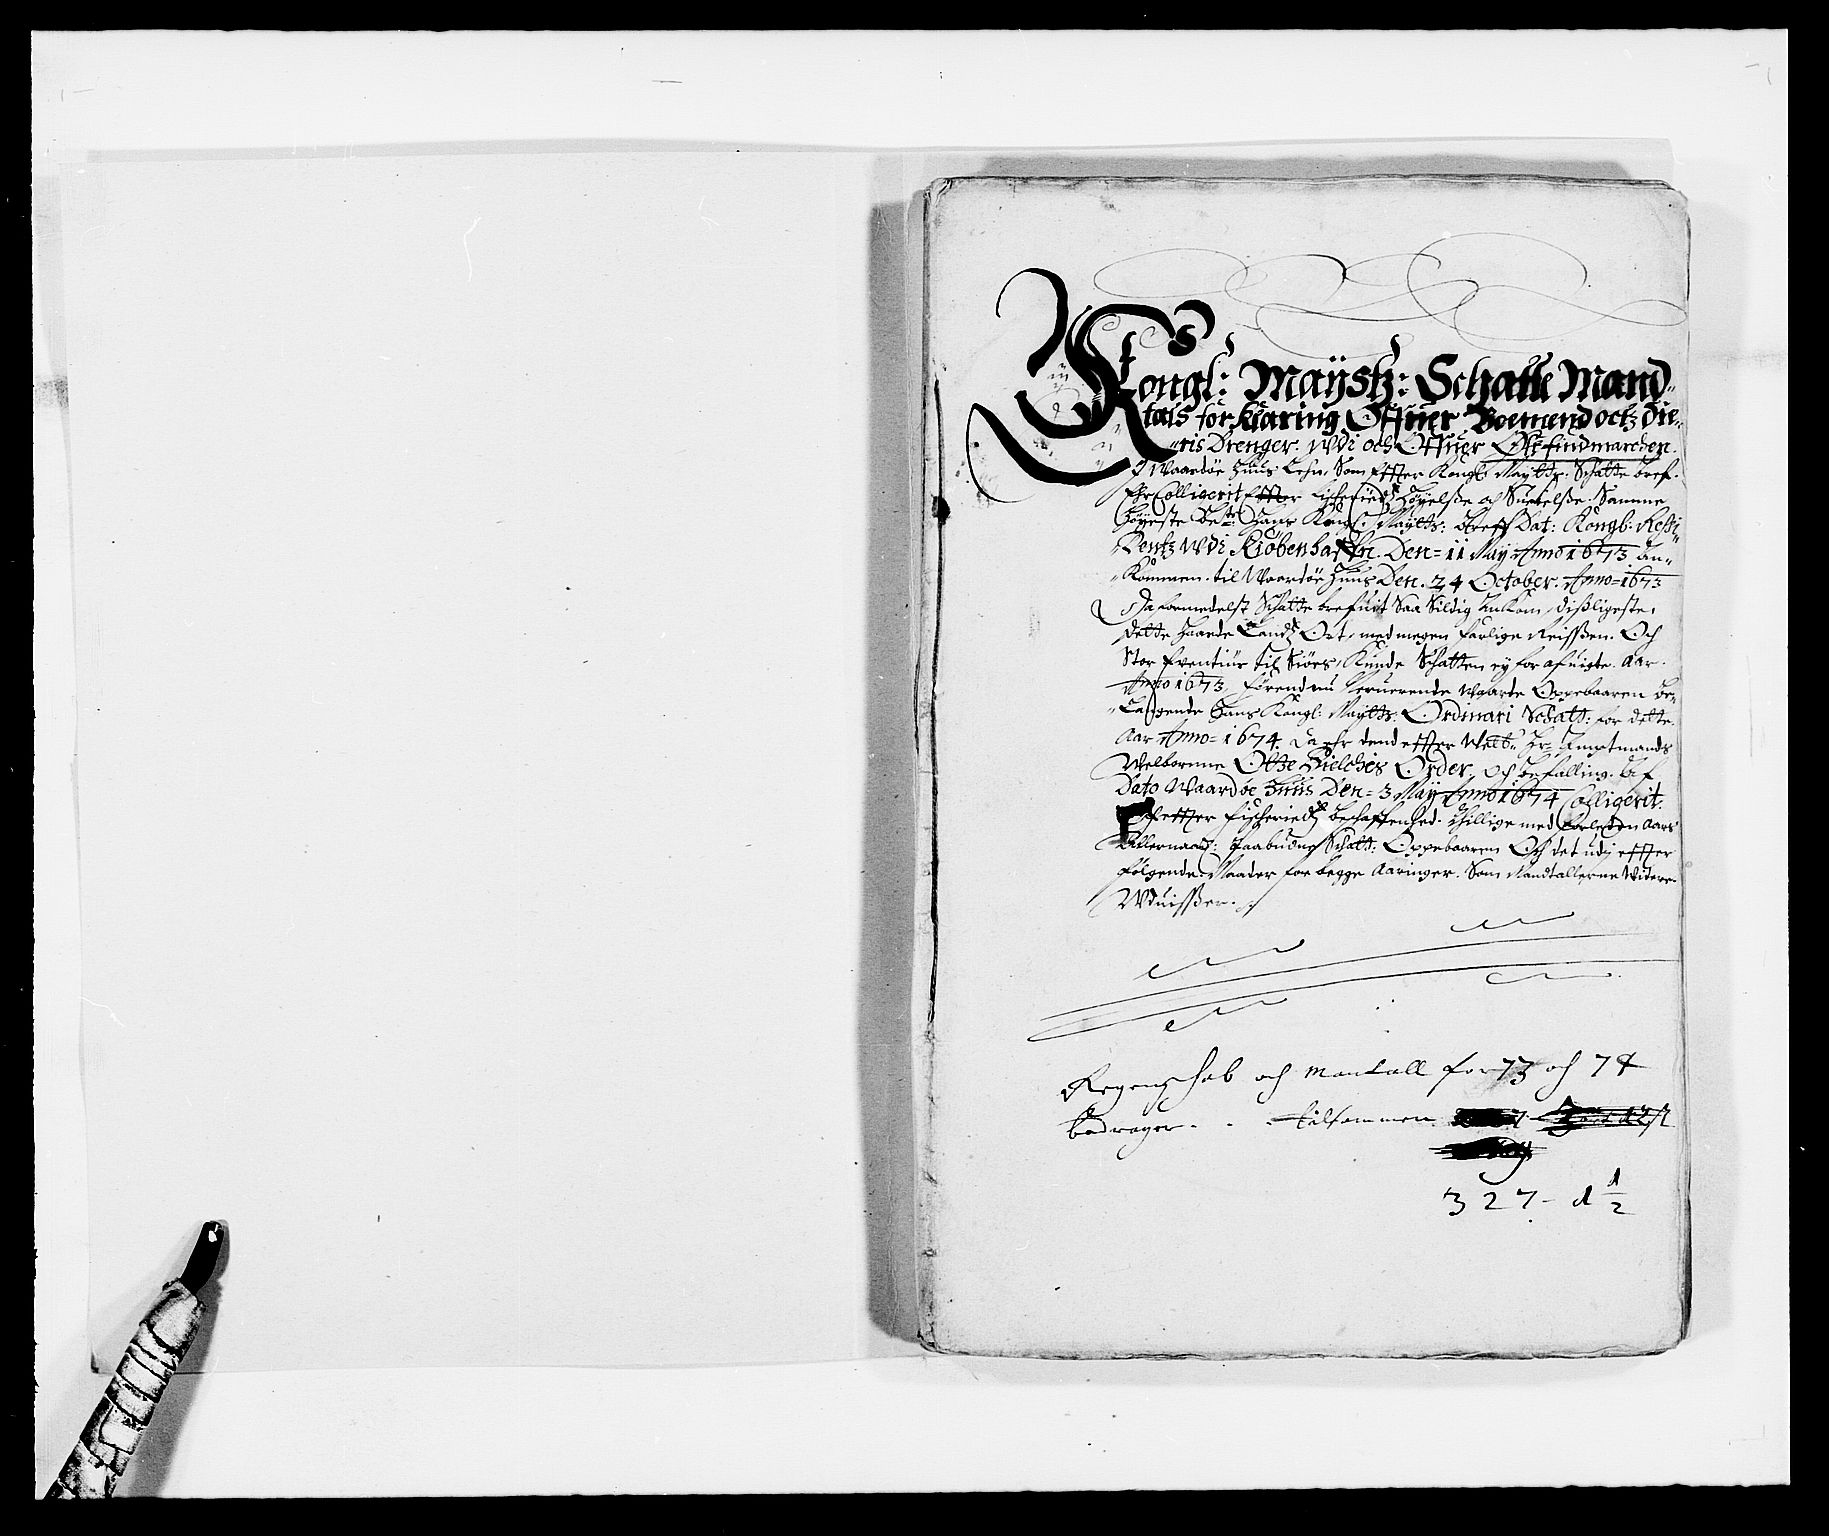 RA, Rentekammeret inntil 1814, Reviderte regnskaper, Fogderegnskap, R69/L4849: Fogderegnskap Finnmark/Vardøhus, 1661-1679, s. 277